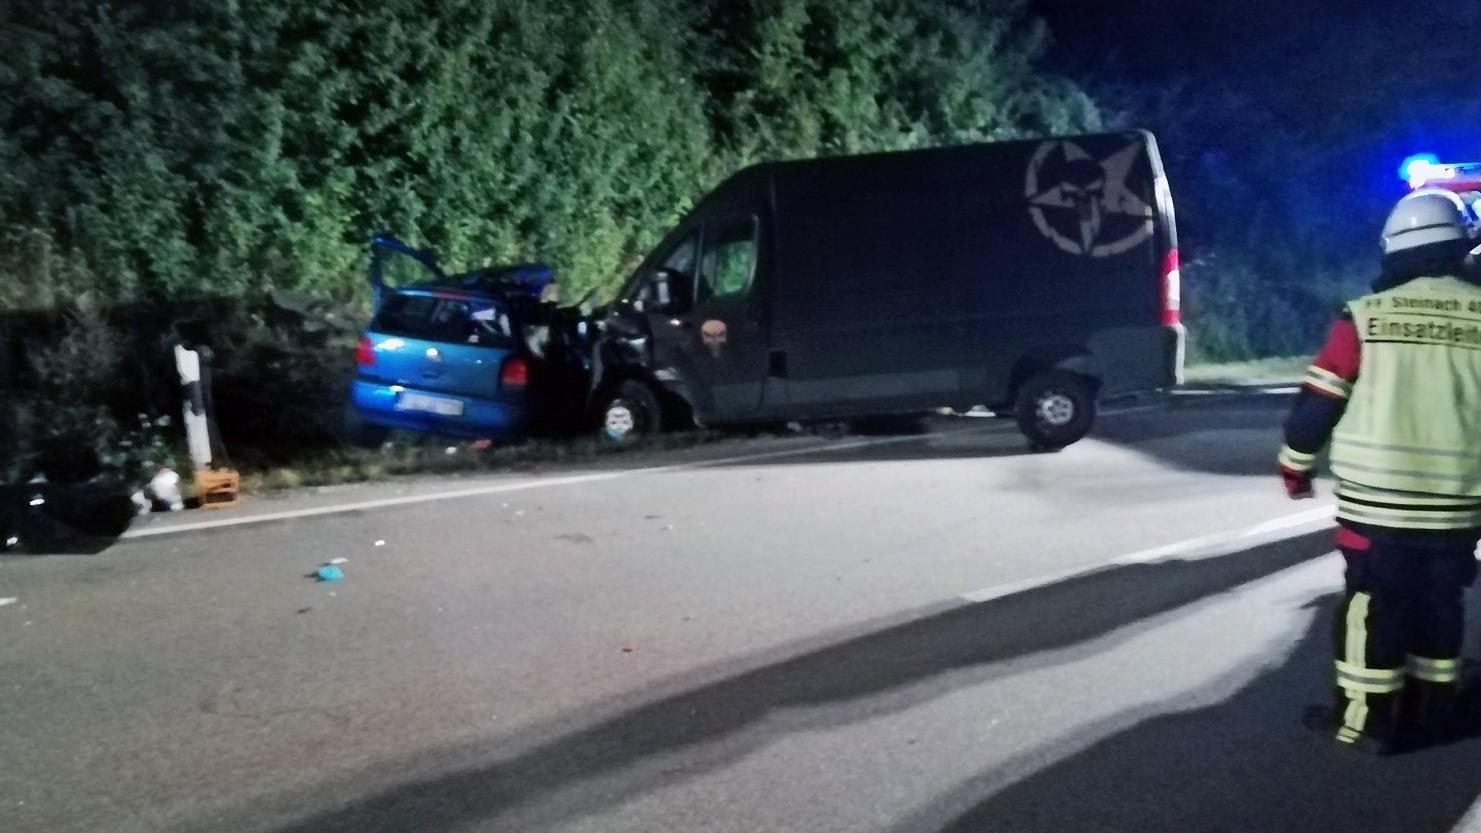 Bei einem Verkehrsunfall bei Ascha (Bayern) sind am frühen Montagmorgen vier Menschen ums Leben gekommen.